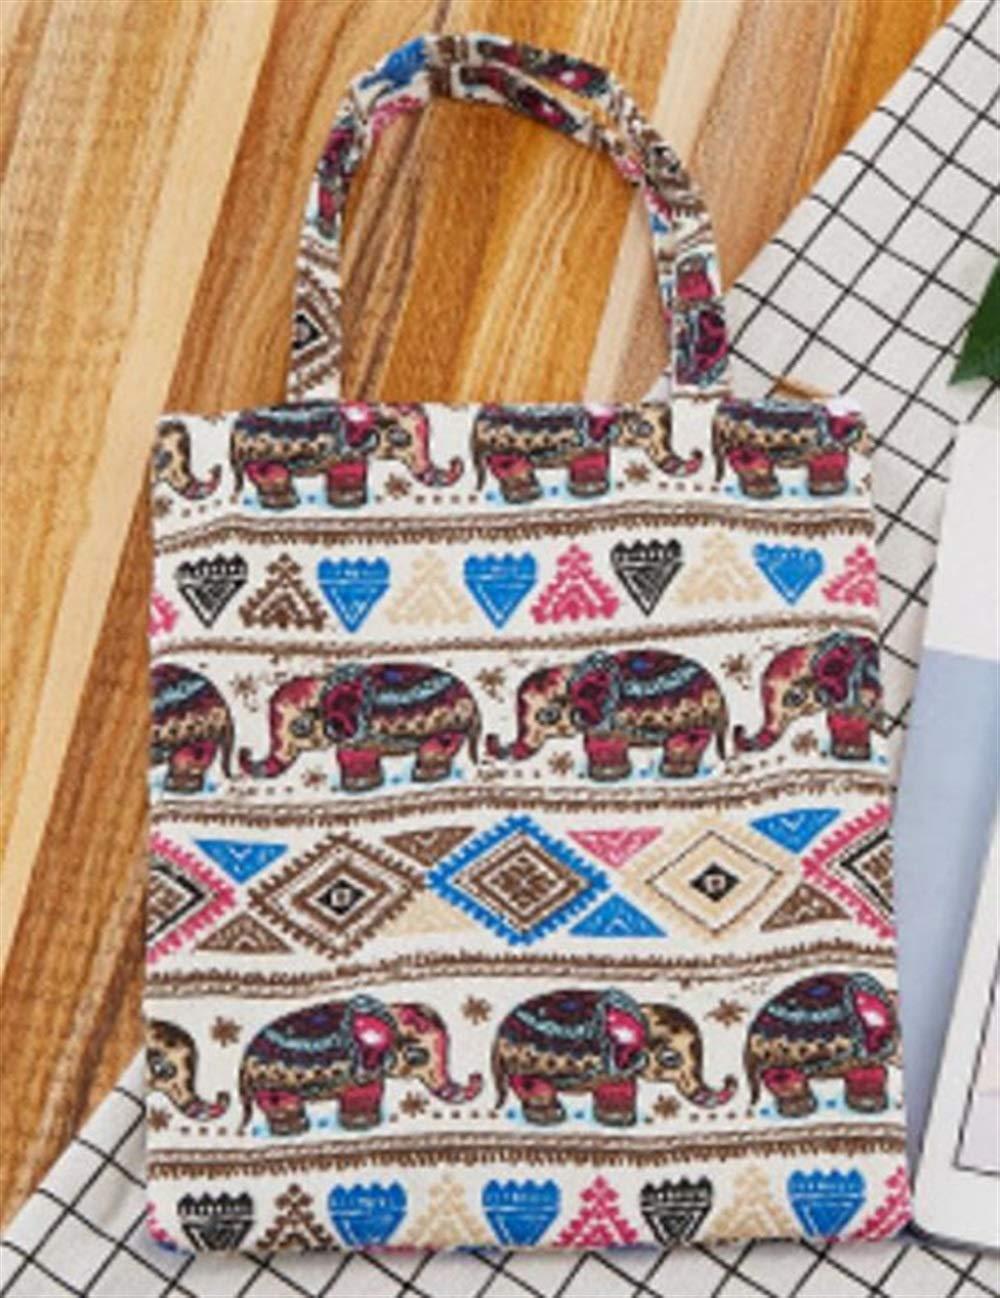 WHXYAA Elephant Printed Canvas Bag Shoulder Bag Tote Bag Ladies Large-Capacity Shopping Bag Environmentally Friendly Tote Bag